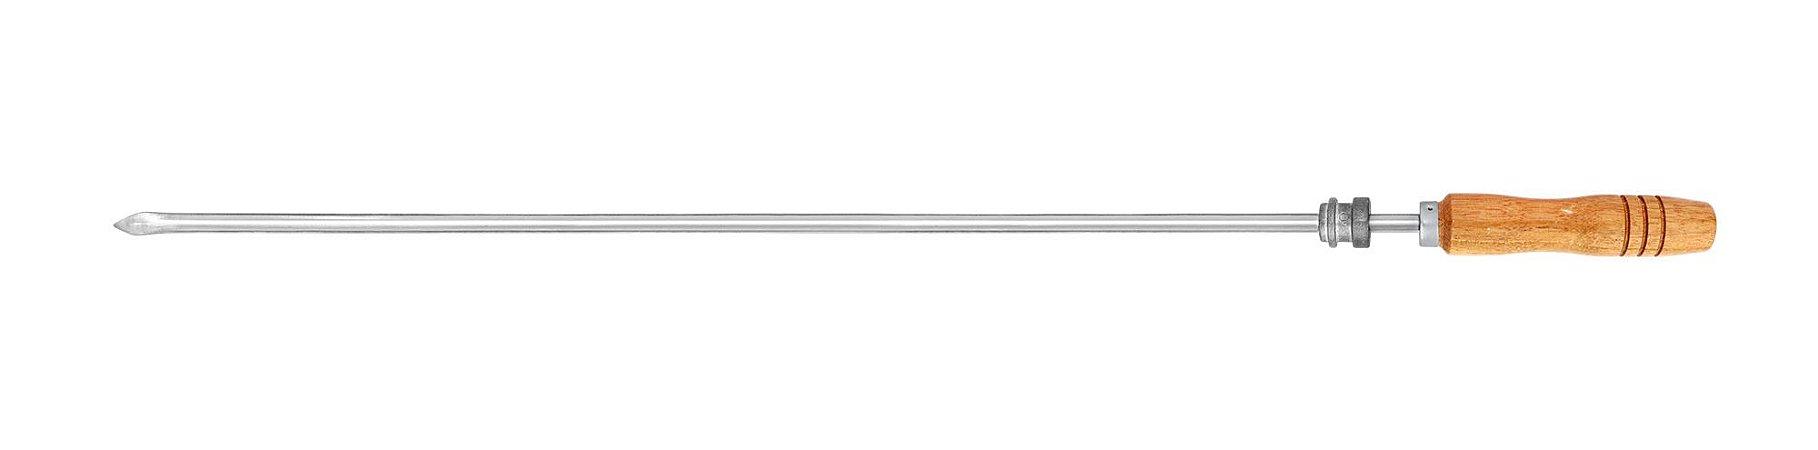 Espeto Inox Coração 085cm x 1,2mm (cabo 15 cm) com Roldana/Parafuso